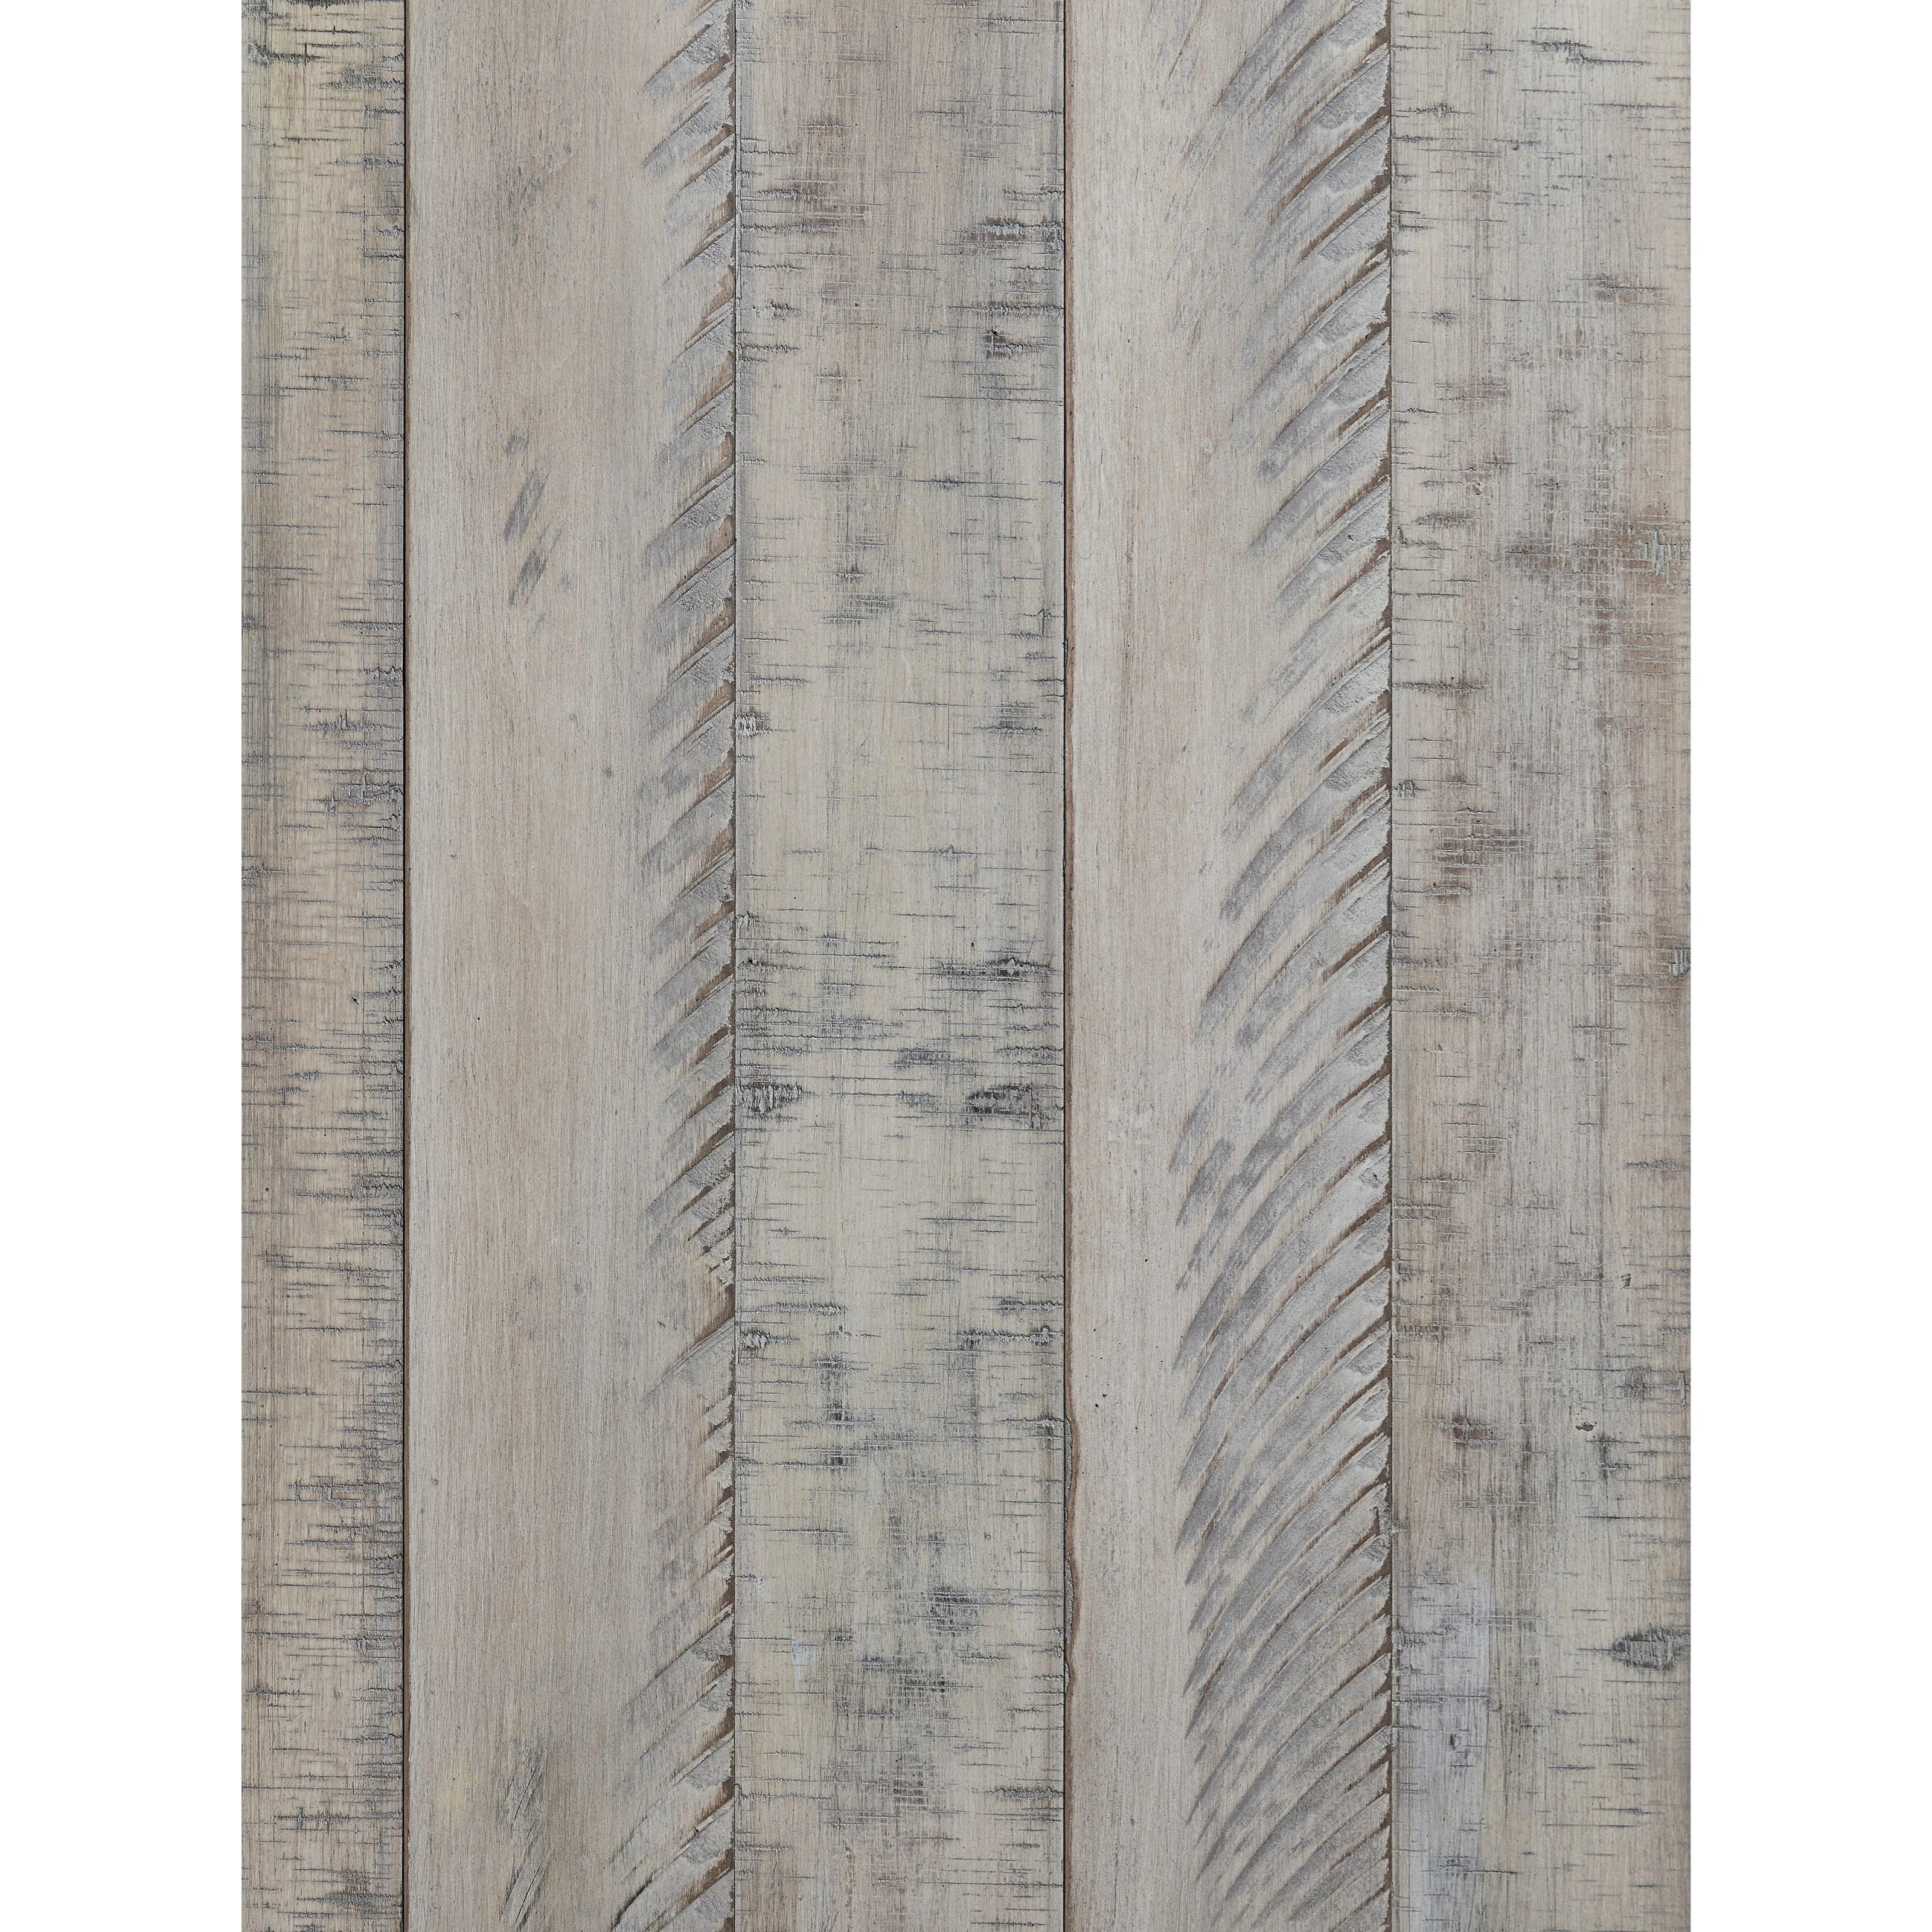 Ashley Furniture Cary Nc: Ashley (Signature Design) Carynhurst Rustic White Extra